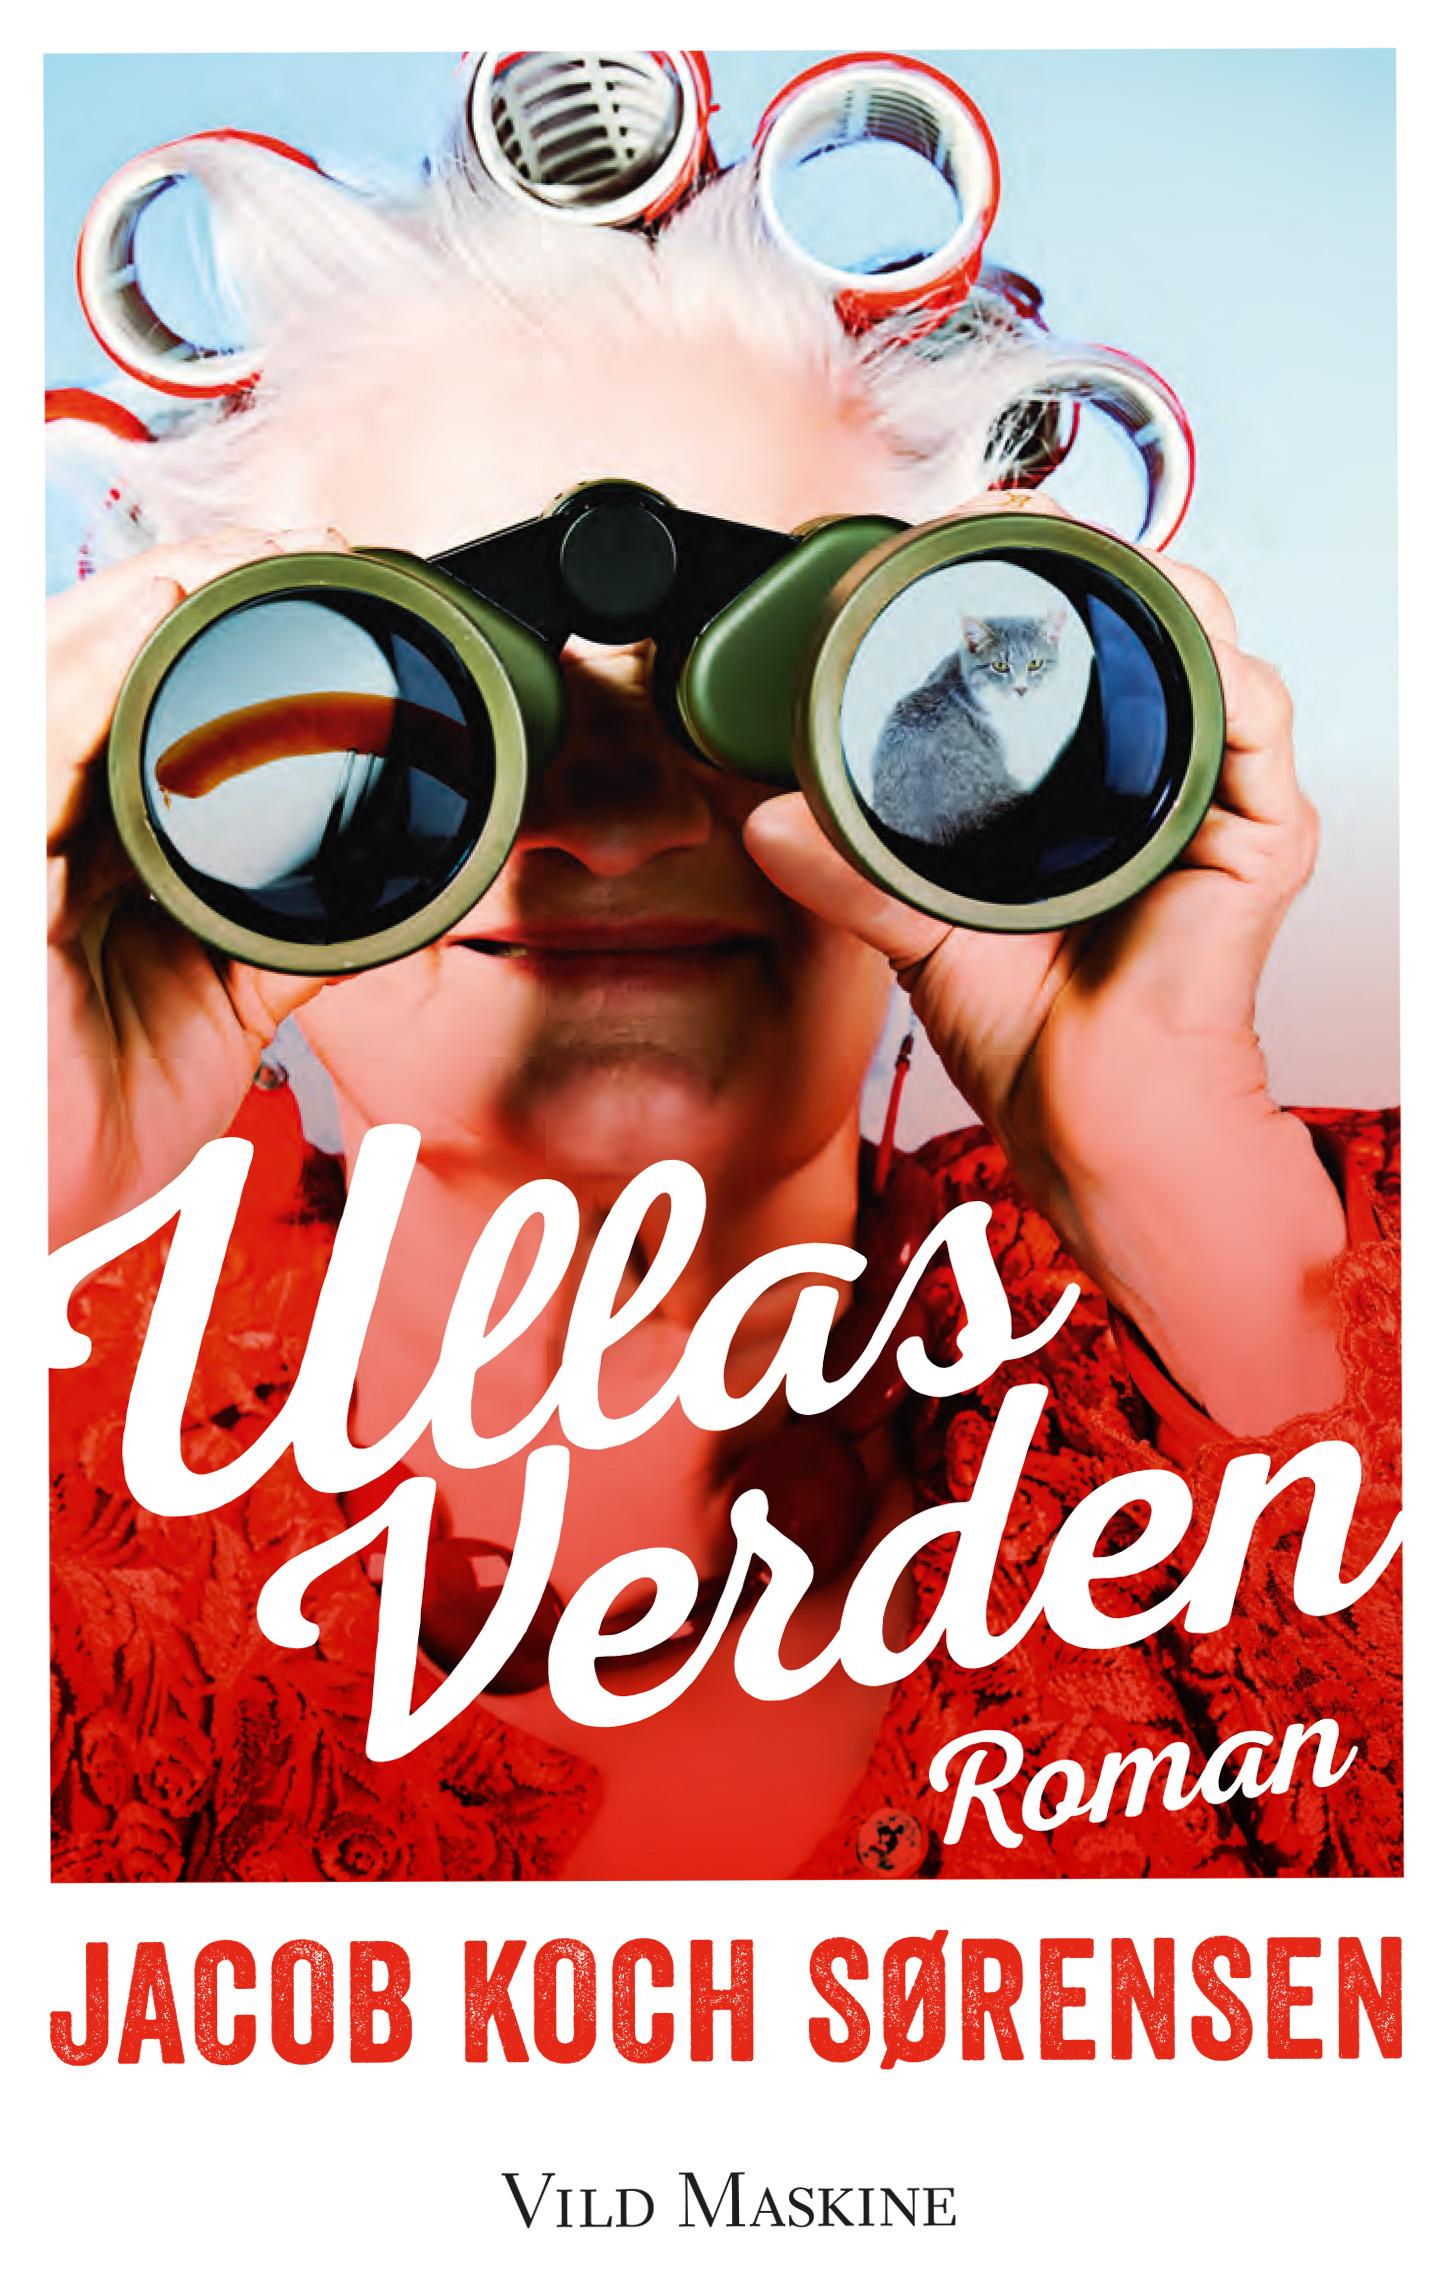 Ullas Verden debut af Jacob Koch Sørensen, udkommer 11. august 2017.